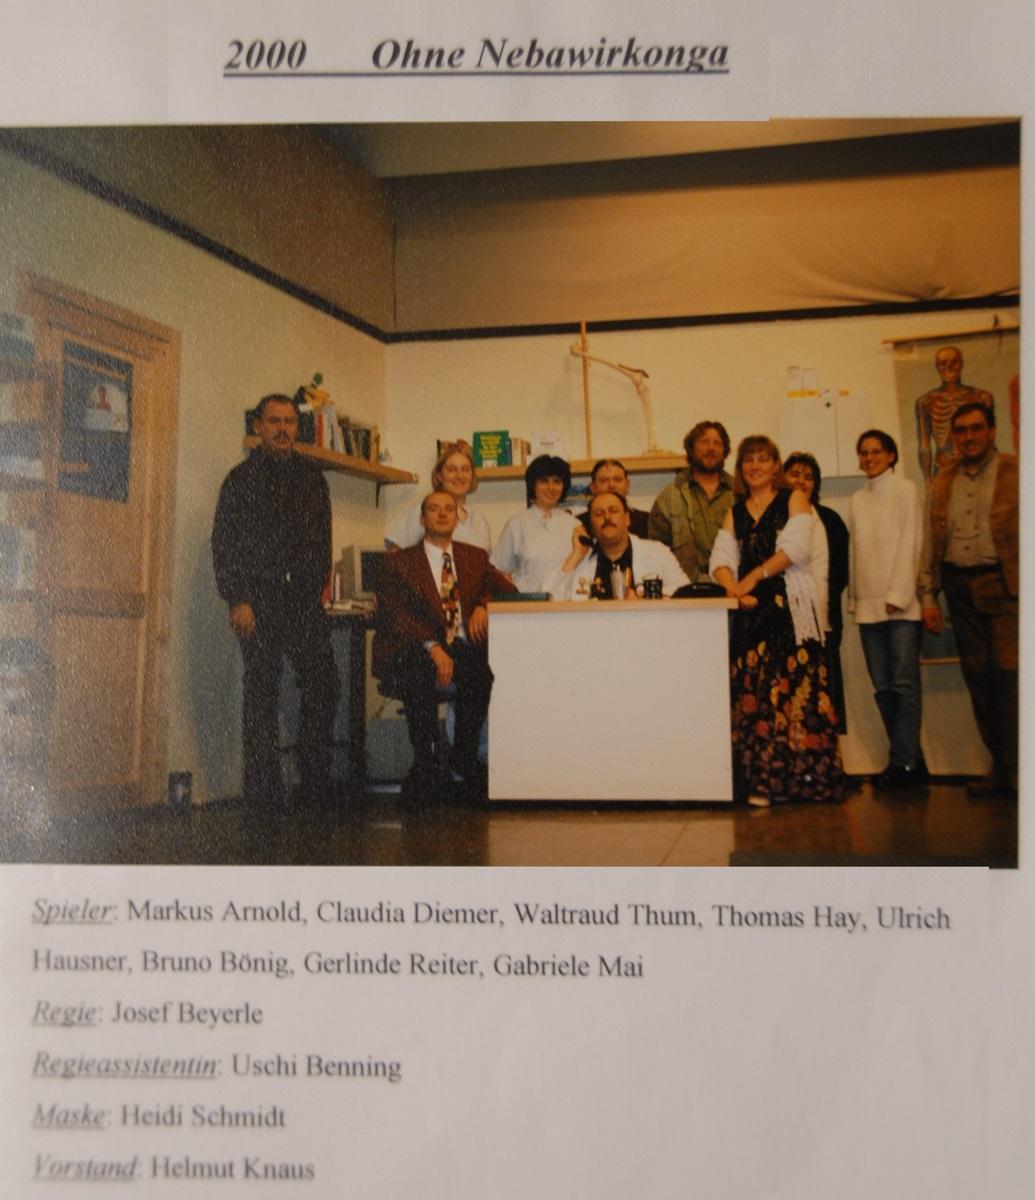 KSC-Theater-2000-Ohne-Nebawirkonga